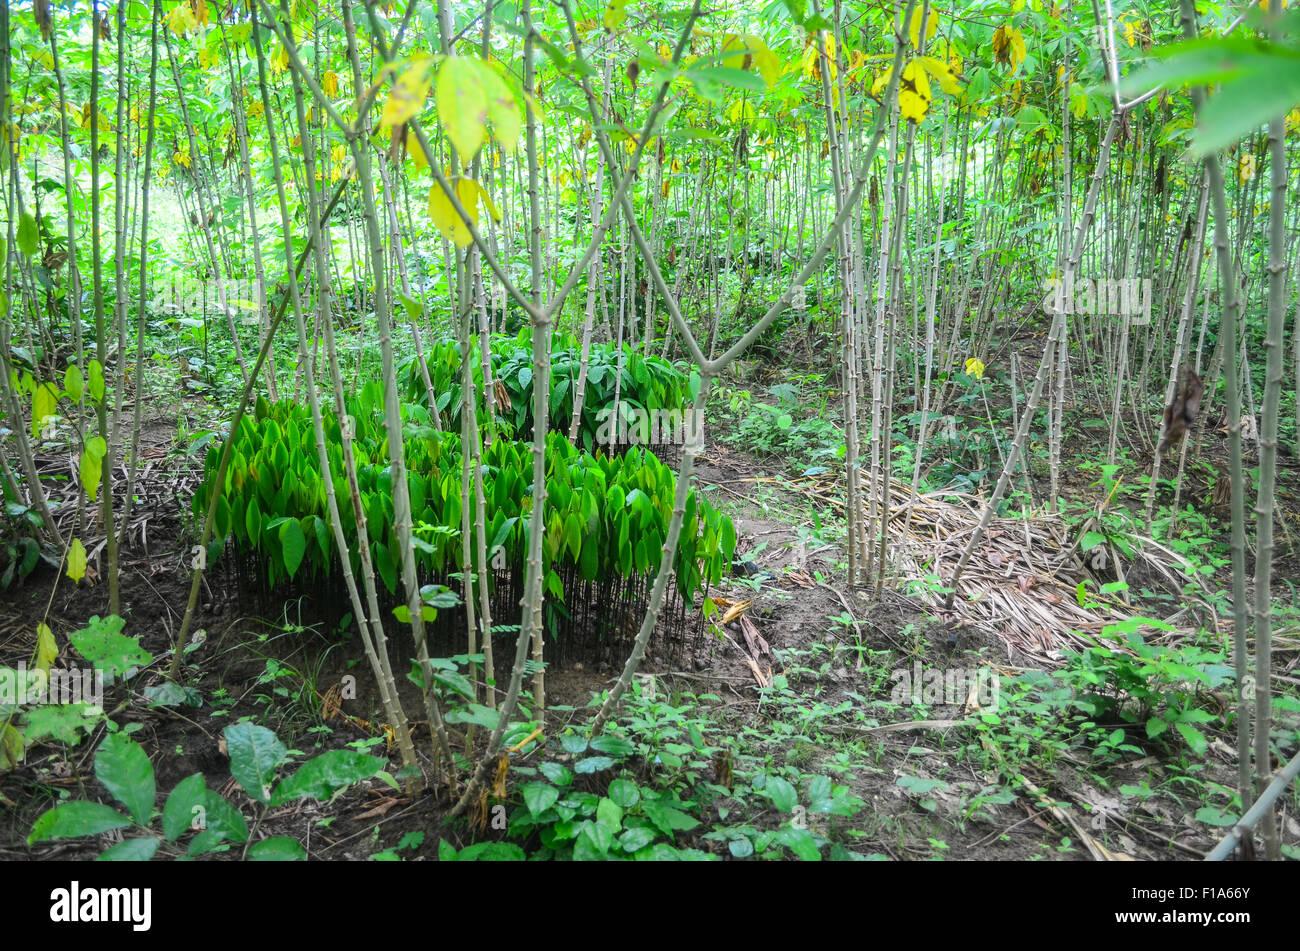 Rubber tree nursery - Stock Image